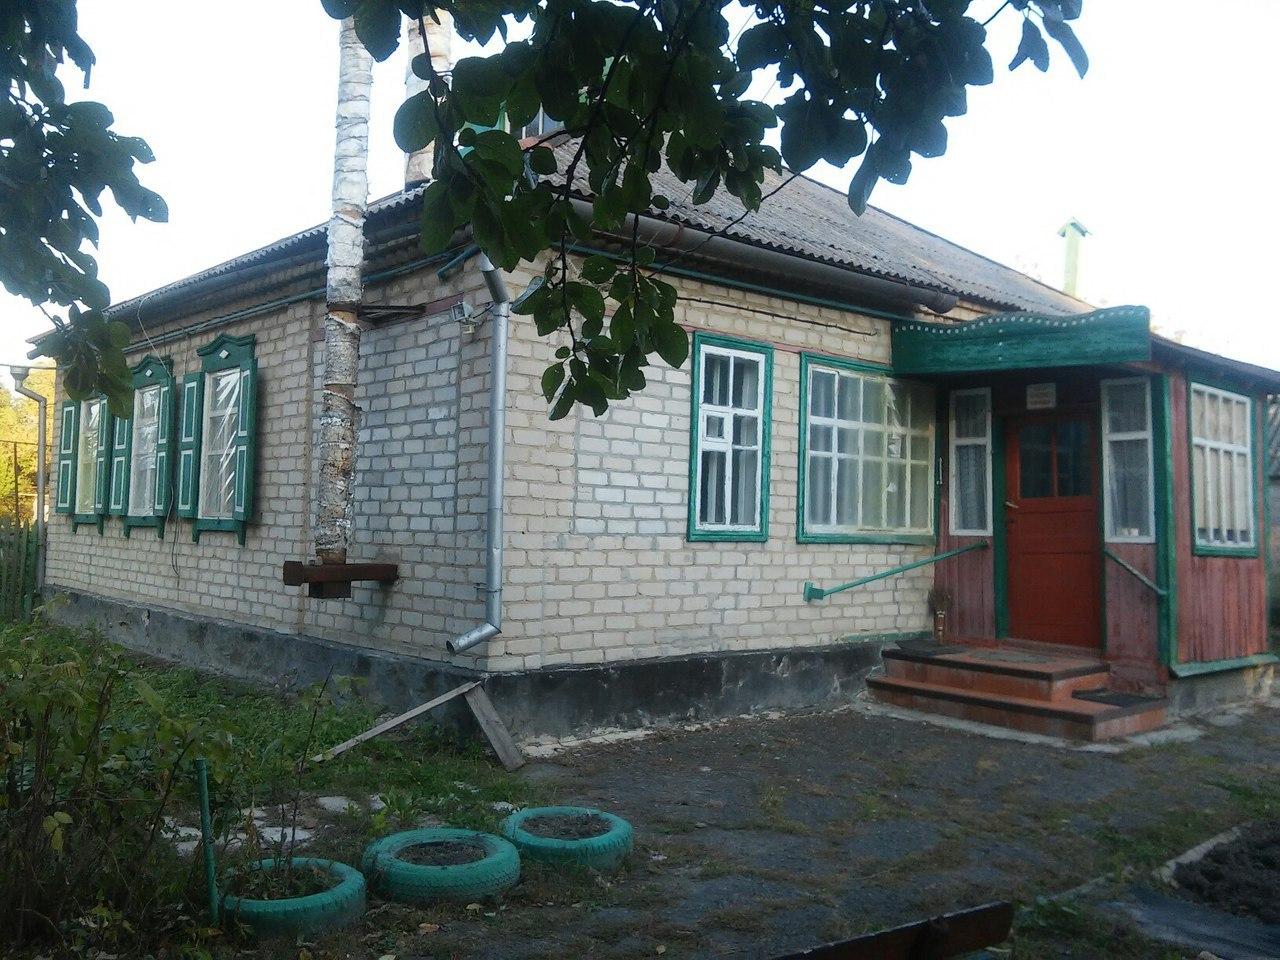 Продается добротный, благоустроенный дом с приусадебным участком в экологически чистом районе(Луганская область, Меловской район, с.